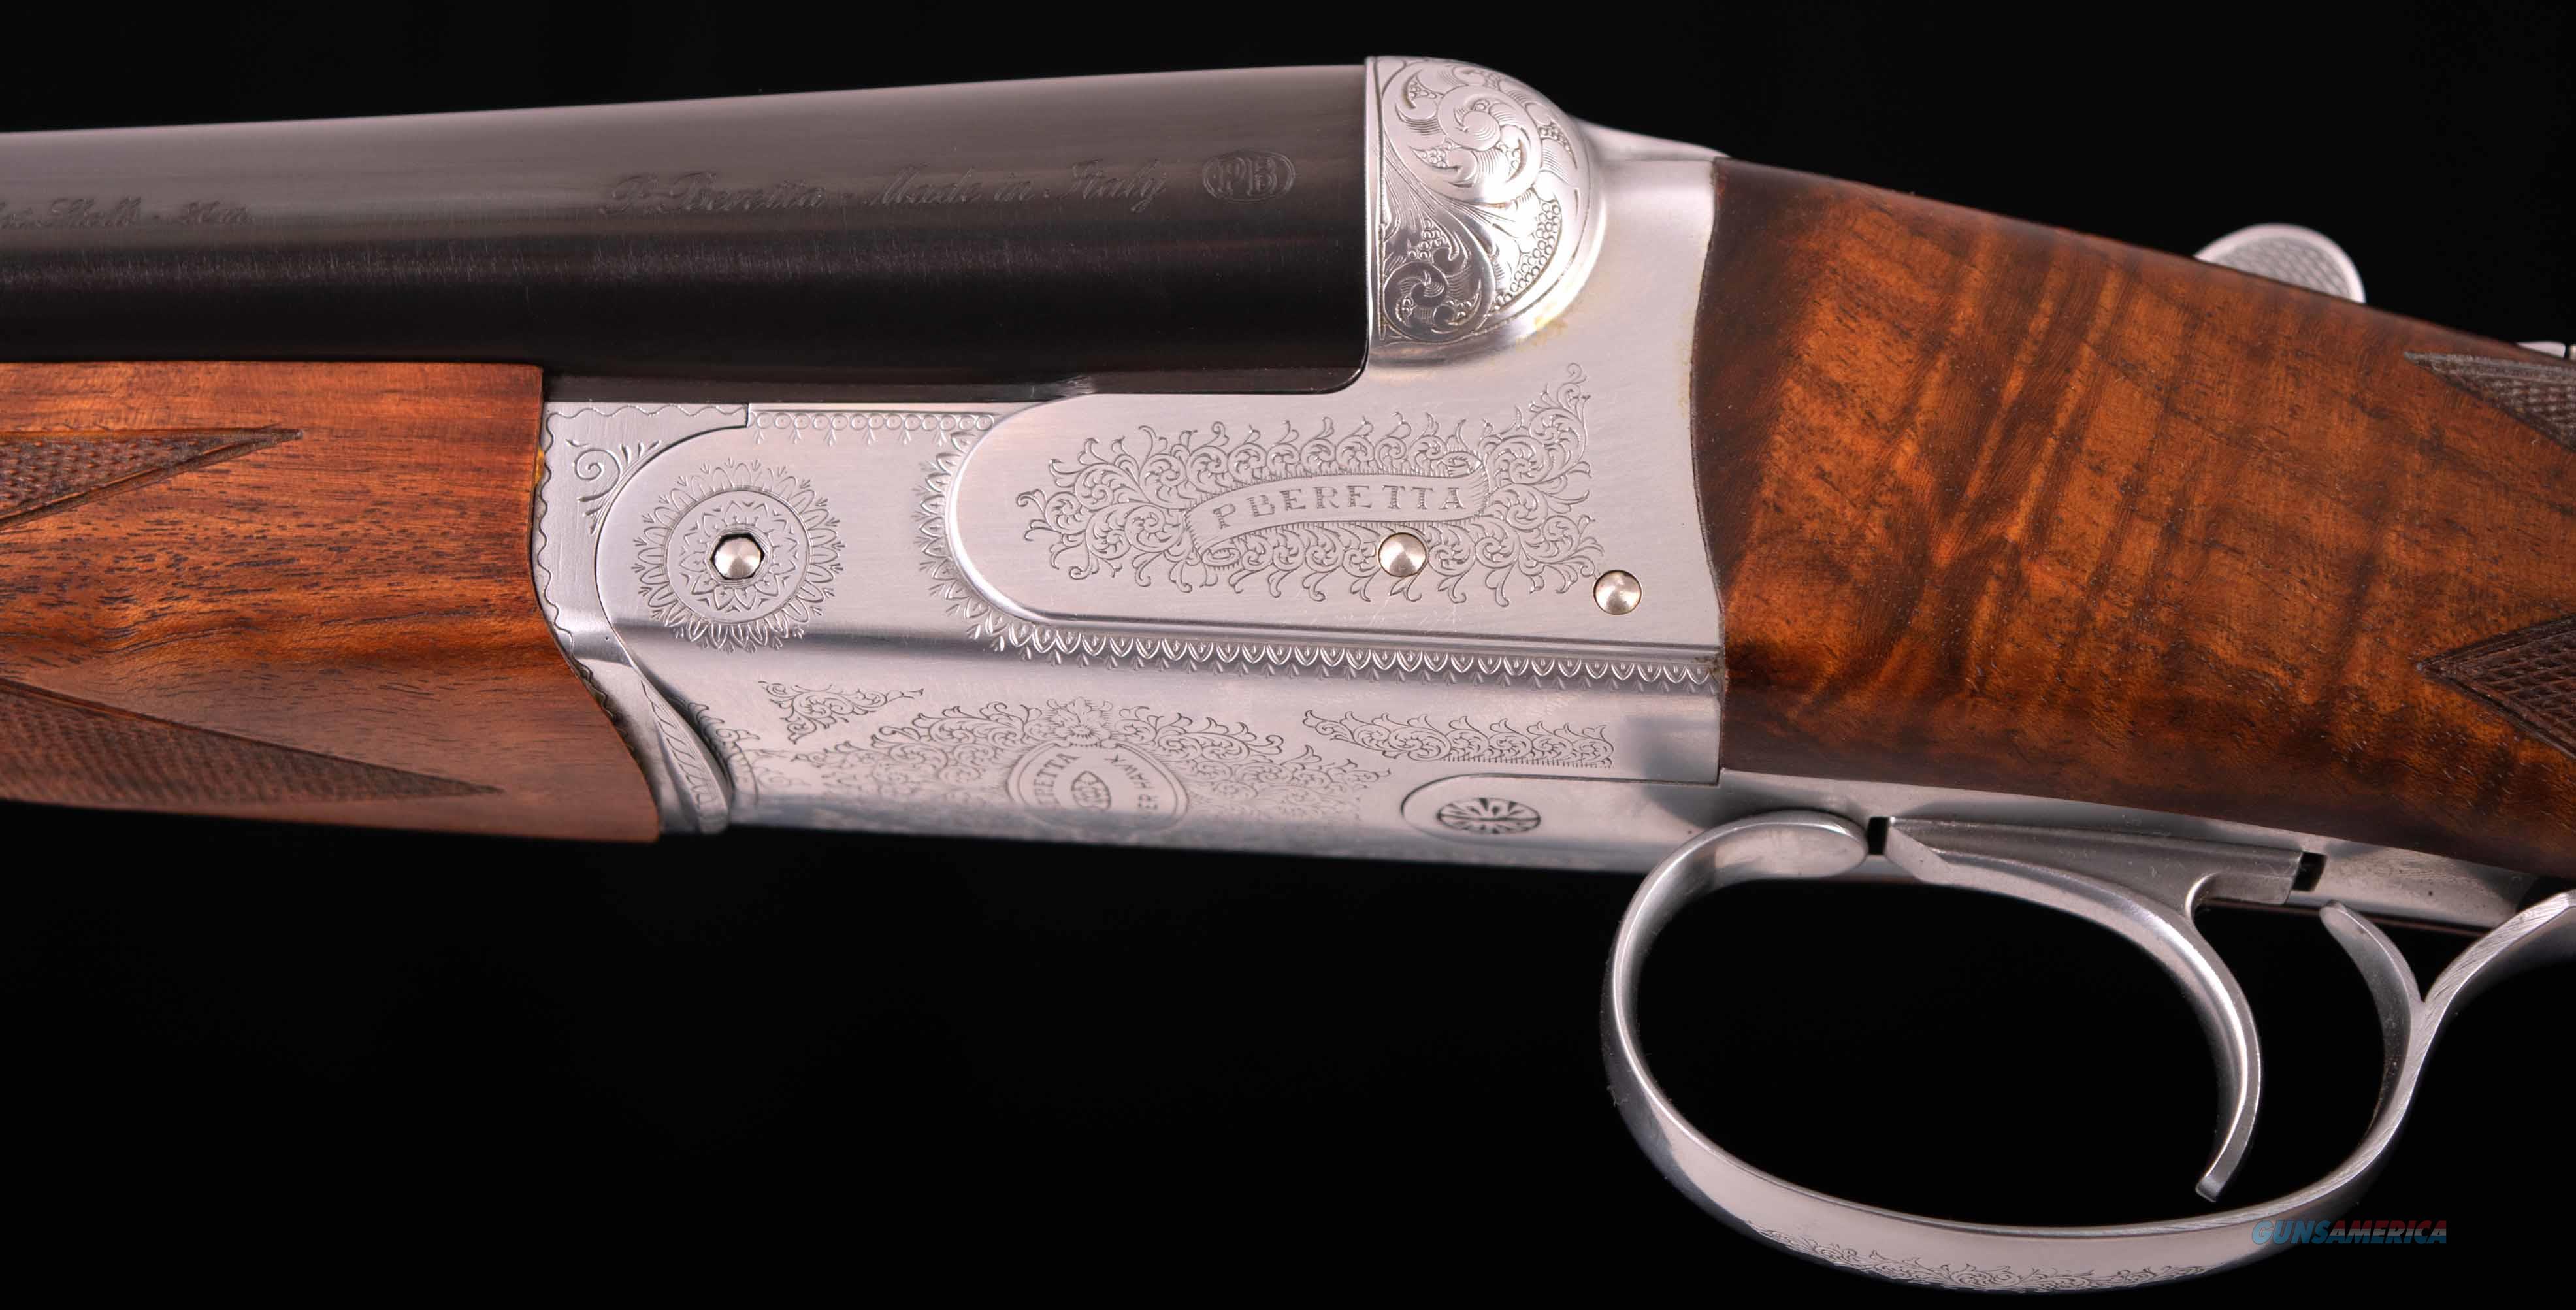 Beretta Silver Hawk 12 Gauge – ULTRALIGHT, AS NEW DELUXE WOOD, vintage firearms inc  Guns > Shotguns > Beretta Shotguns > SxS